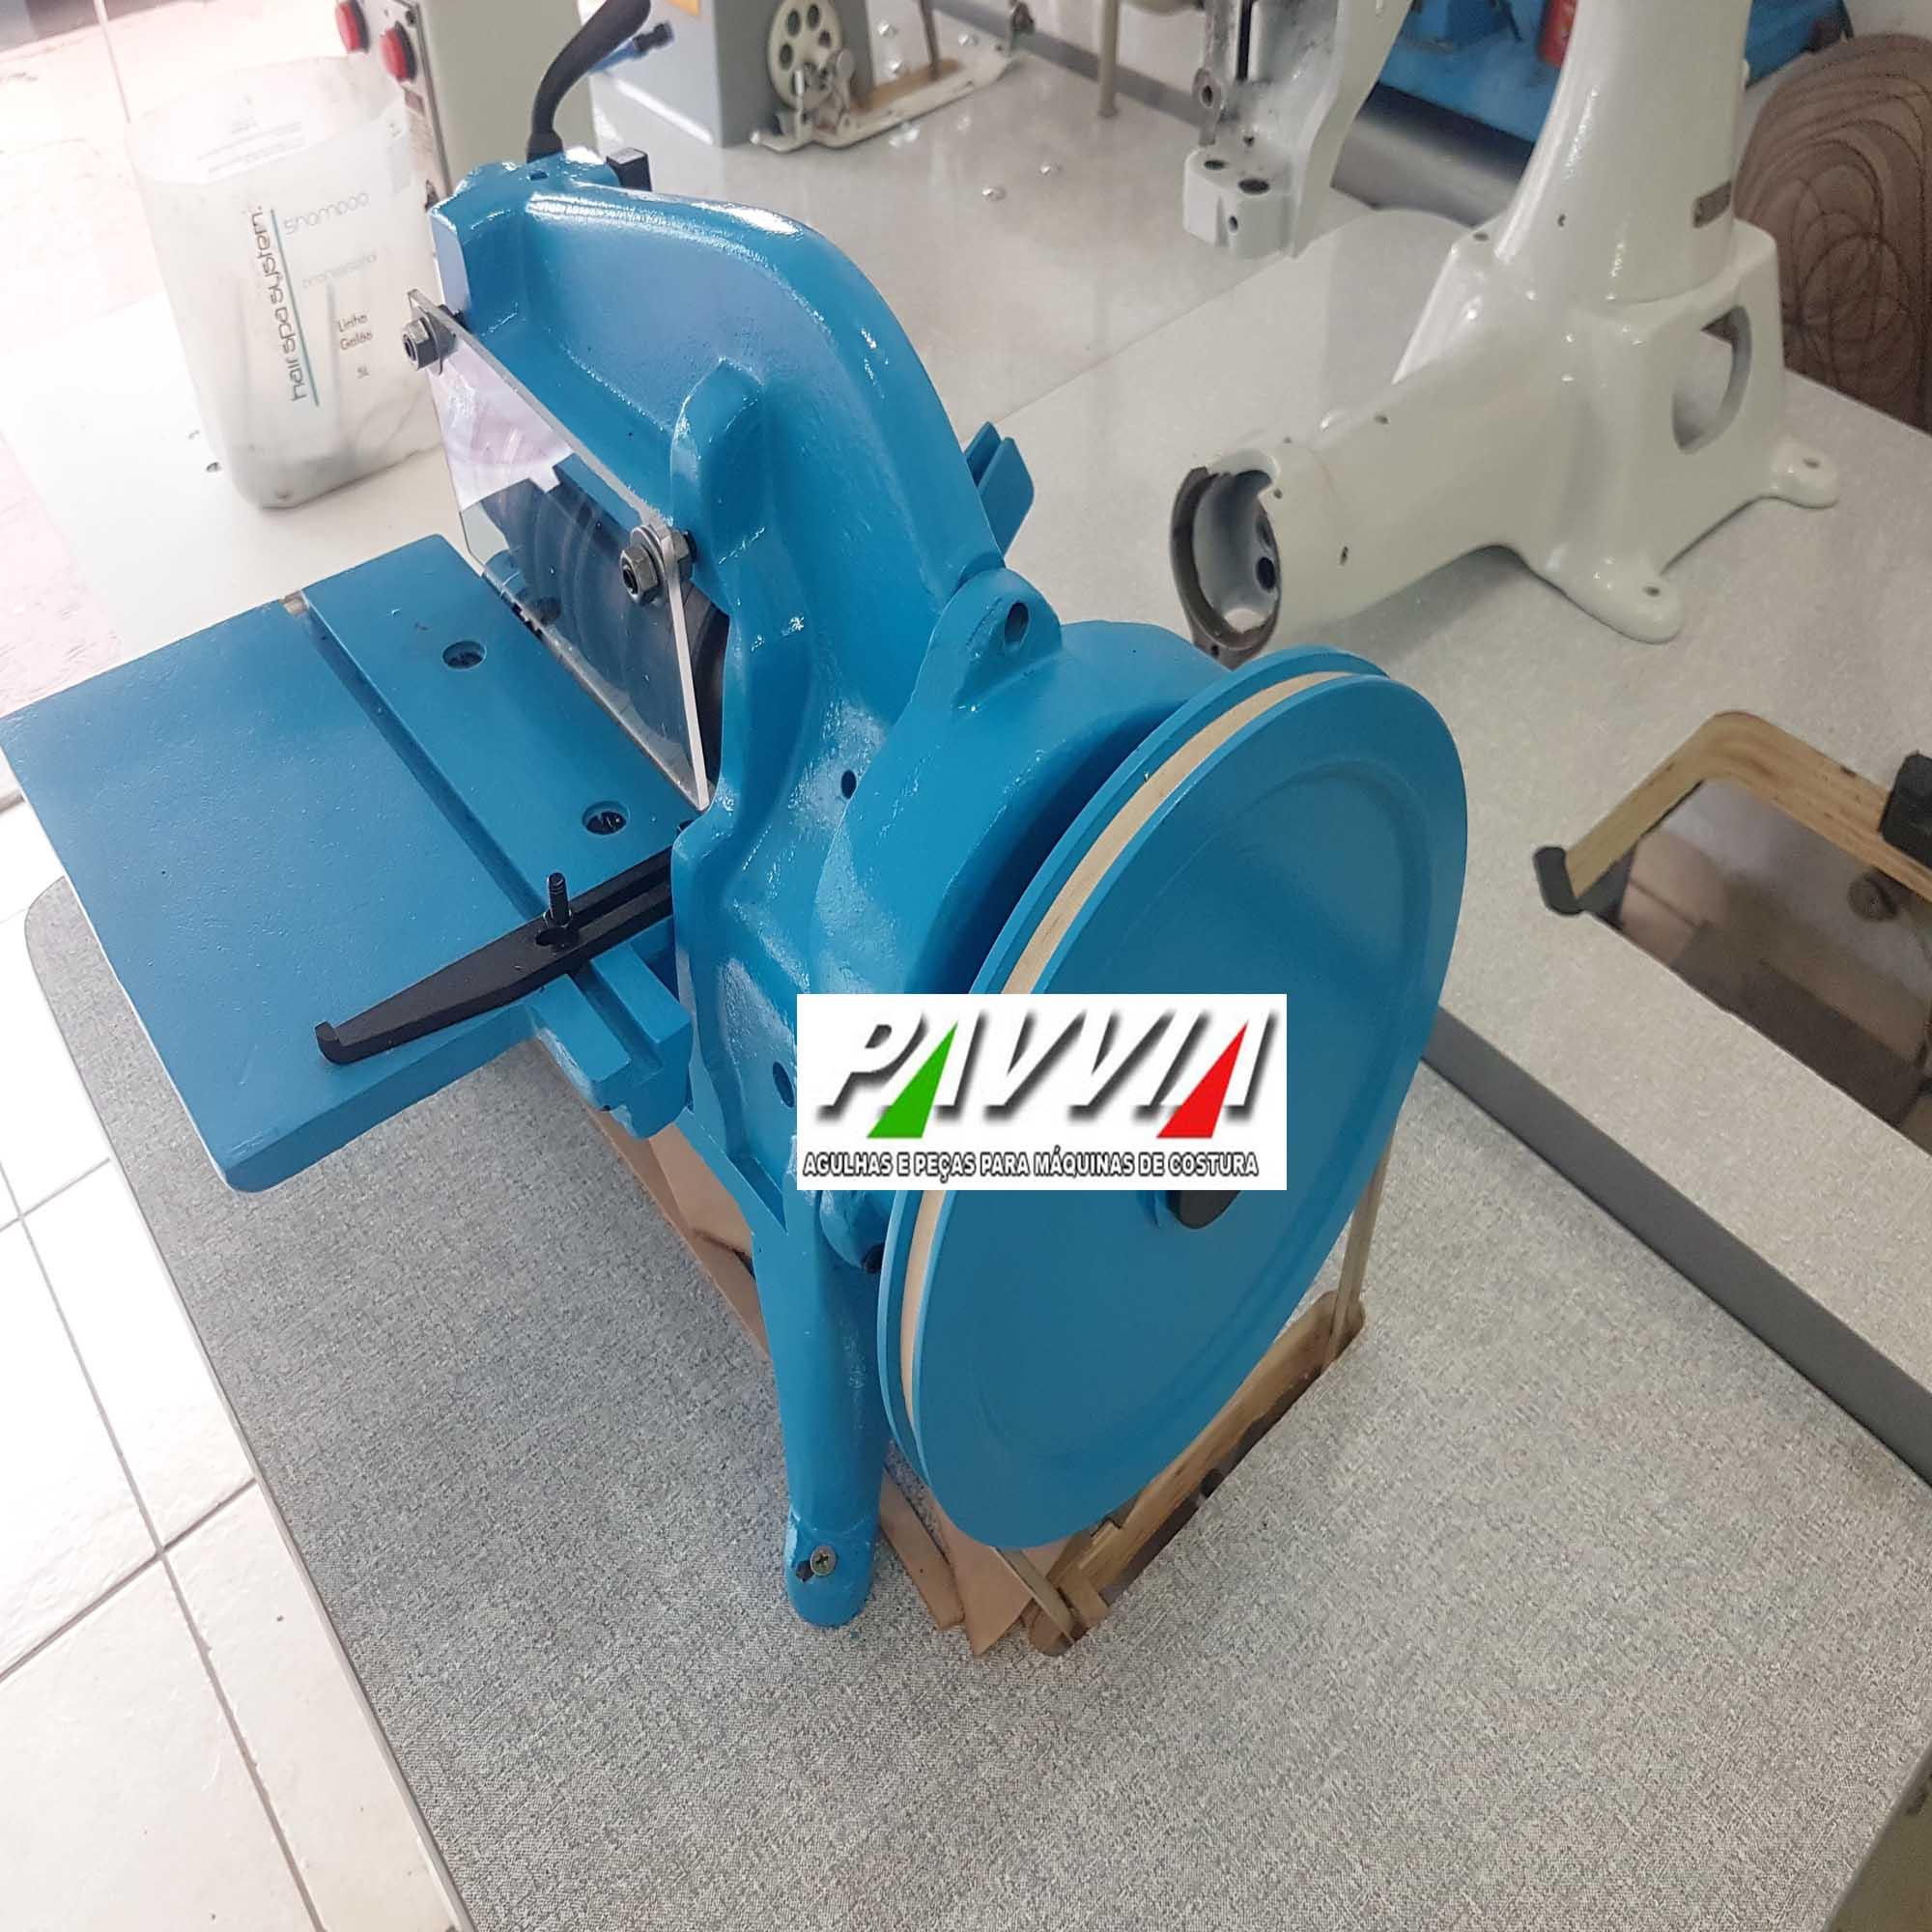 Máquina de cortar tiras CARDOSO 6 Facas   - Pavvia Agulhas e Peças